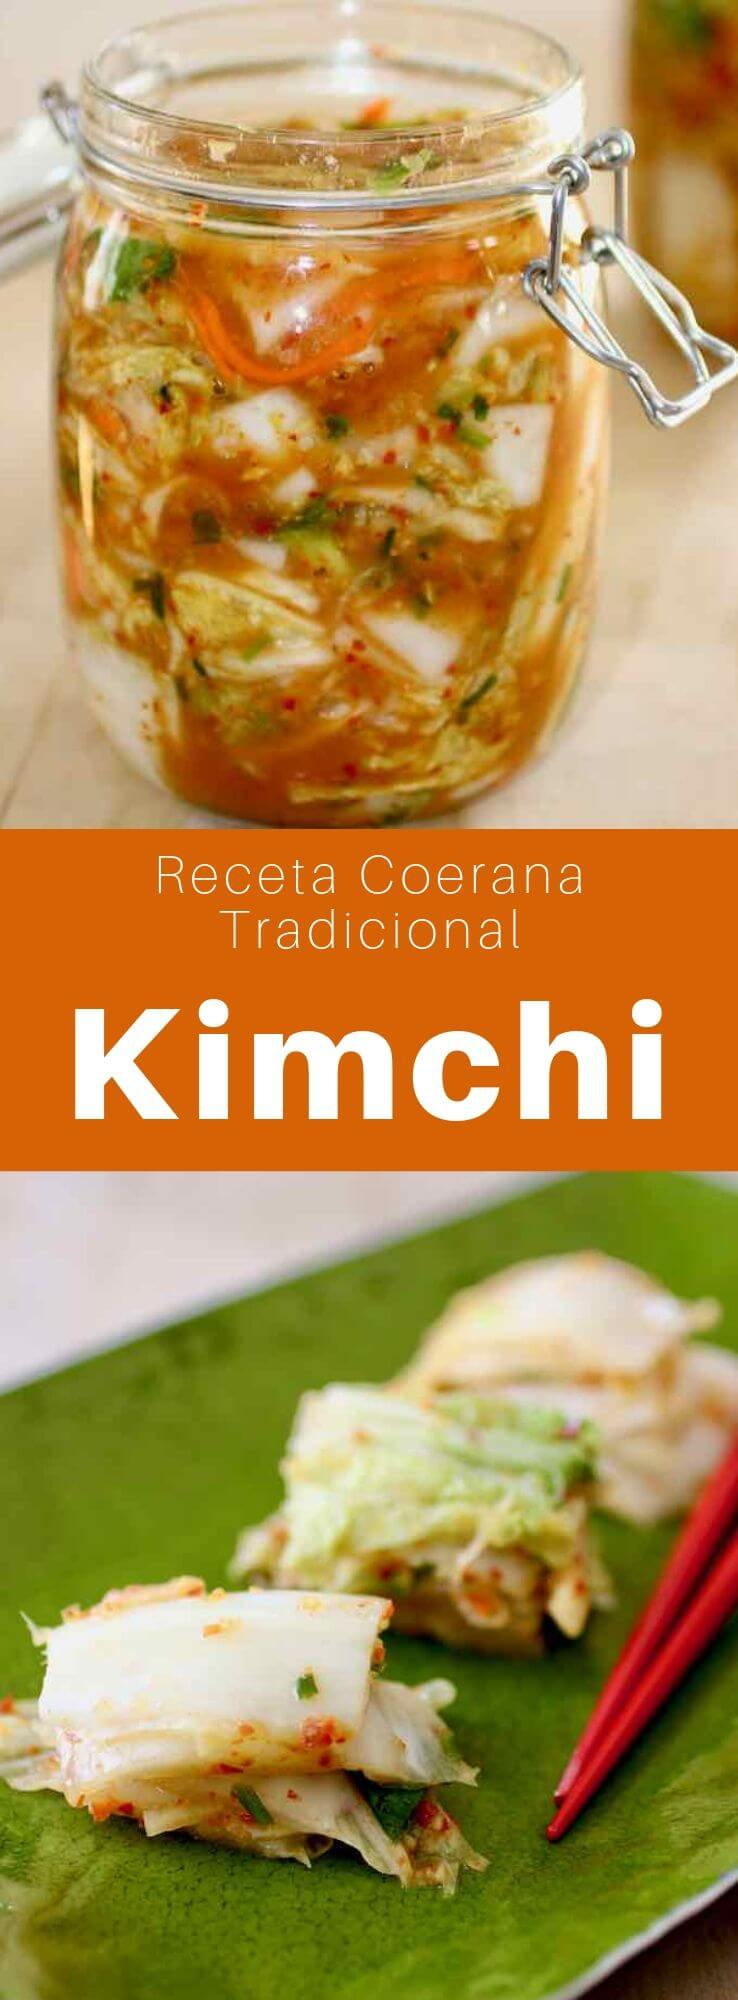 El kimchi es un condimento tradicional coreano, generalmente hecho de vegetales salados y fermentados como la col china y el rábano blanco.